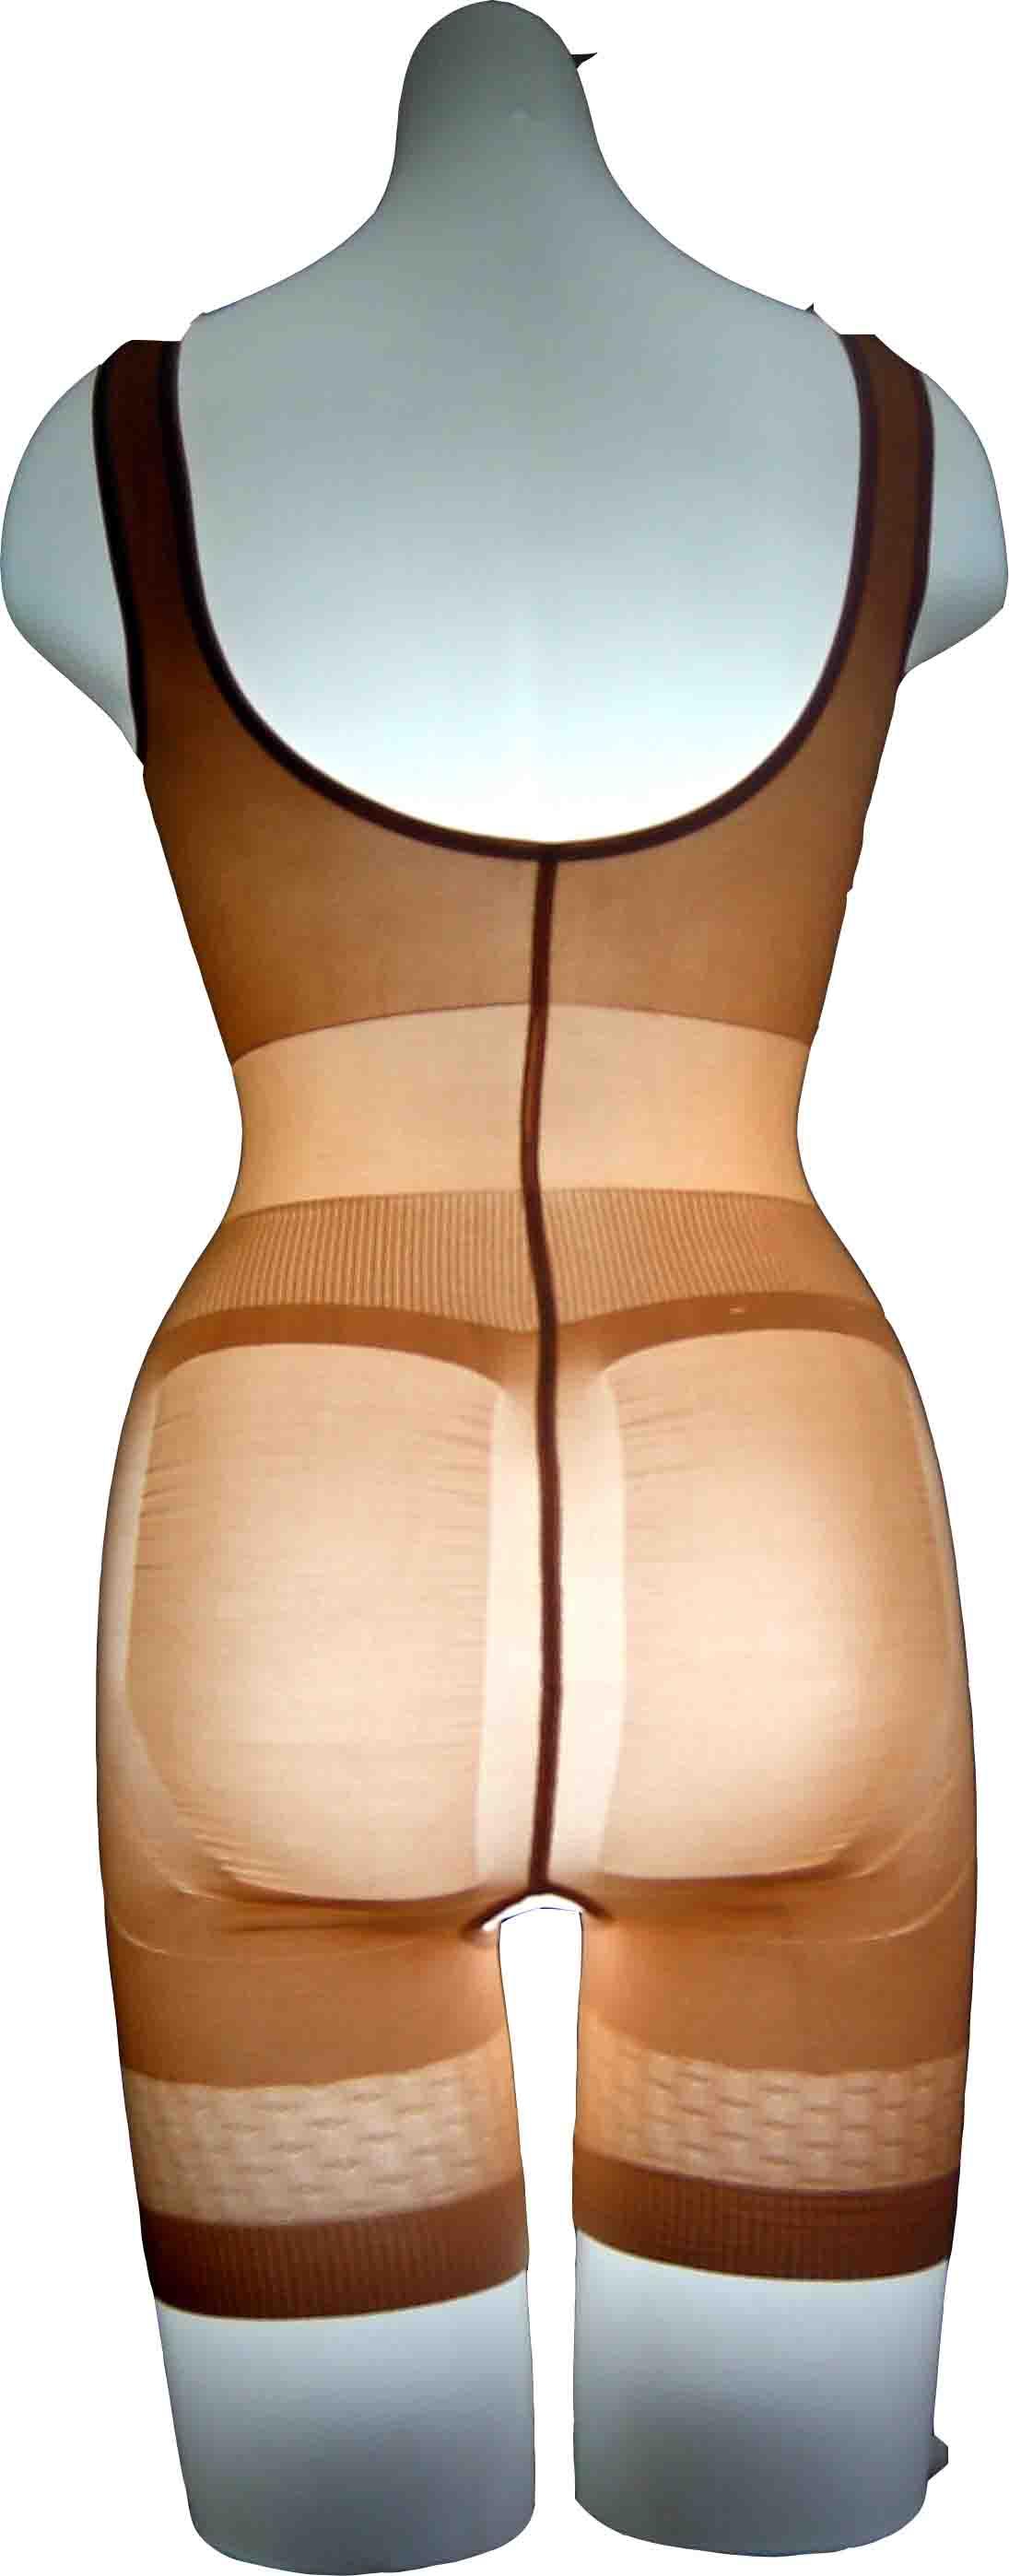 New White Bamboo Charcoal Women shapewear TC-C010